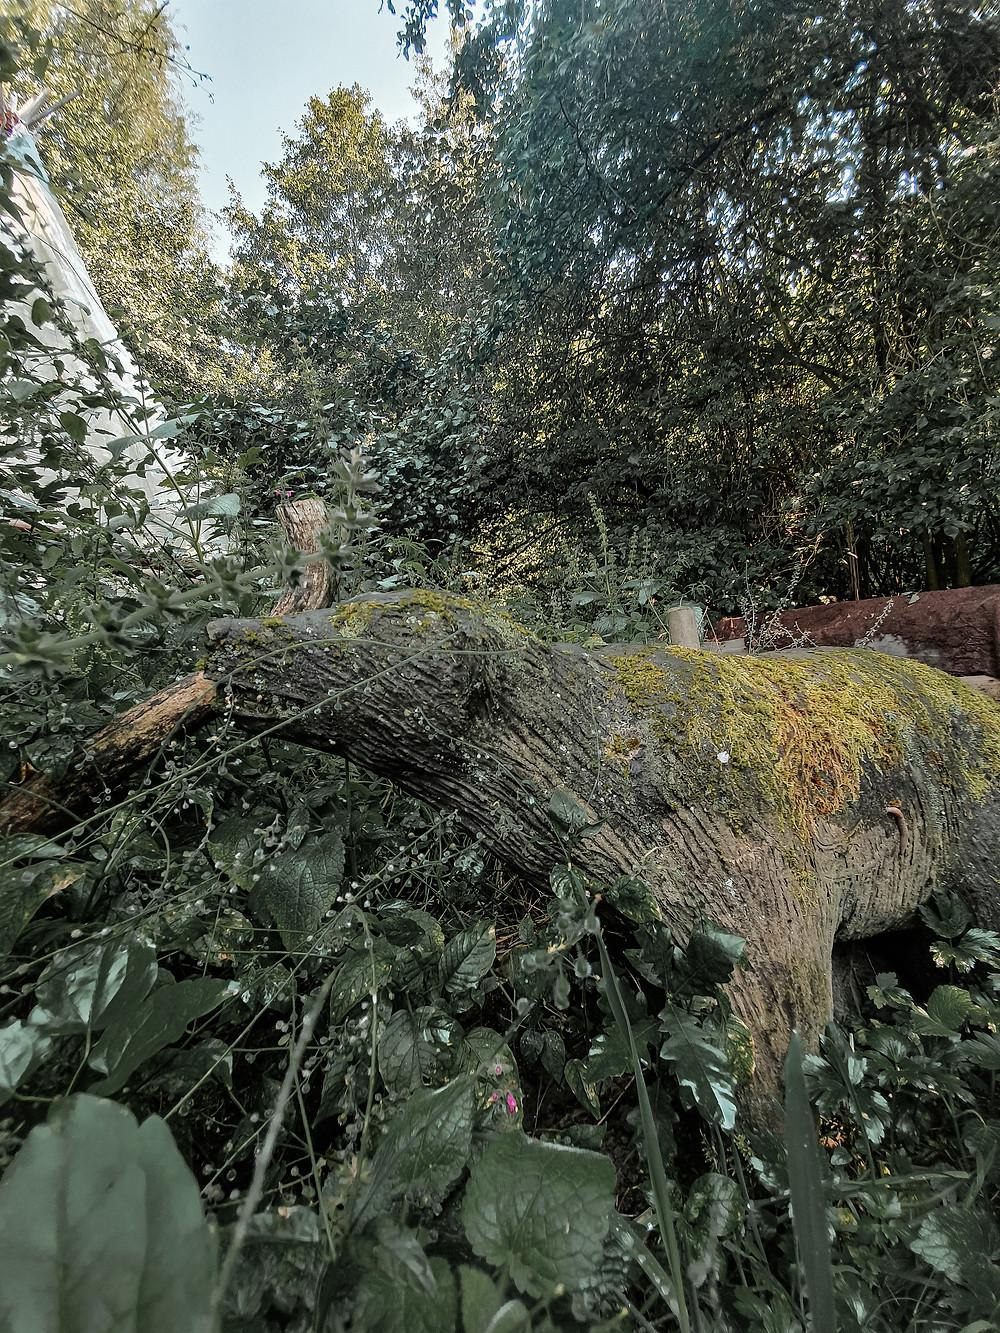 Statua di un cane su cui la natura sta seguendo il suo corso, ricoprendone il corpo intero di fiorellini muschio e foglie.